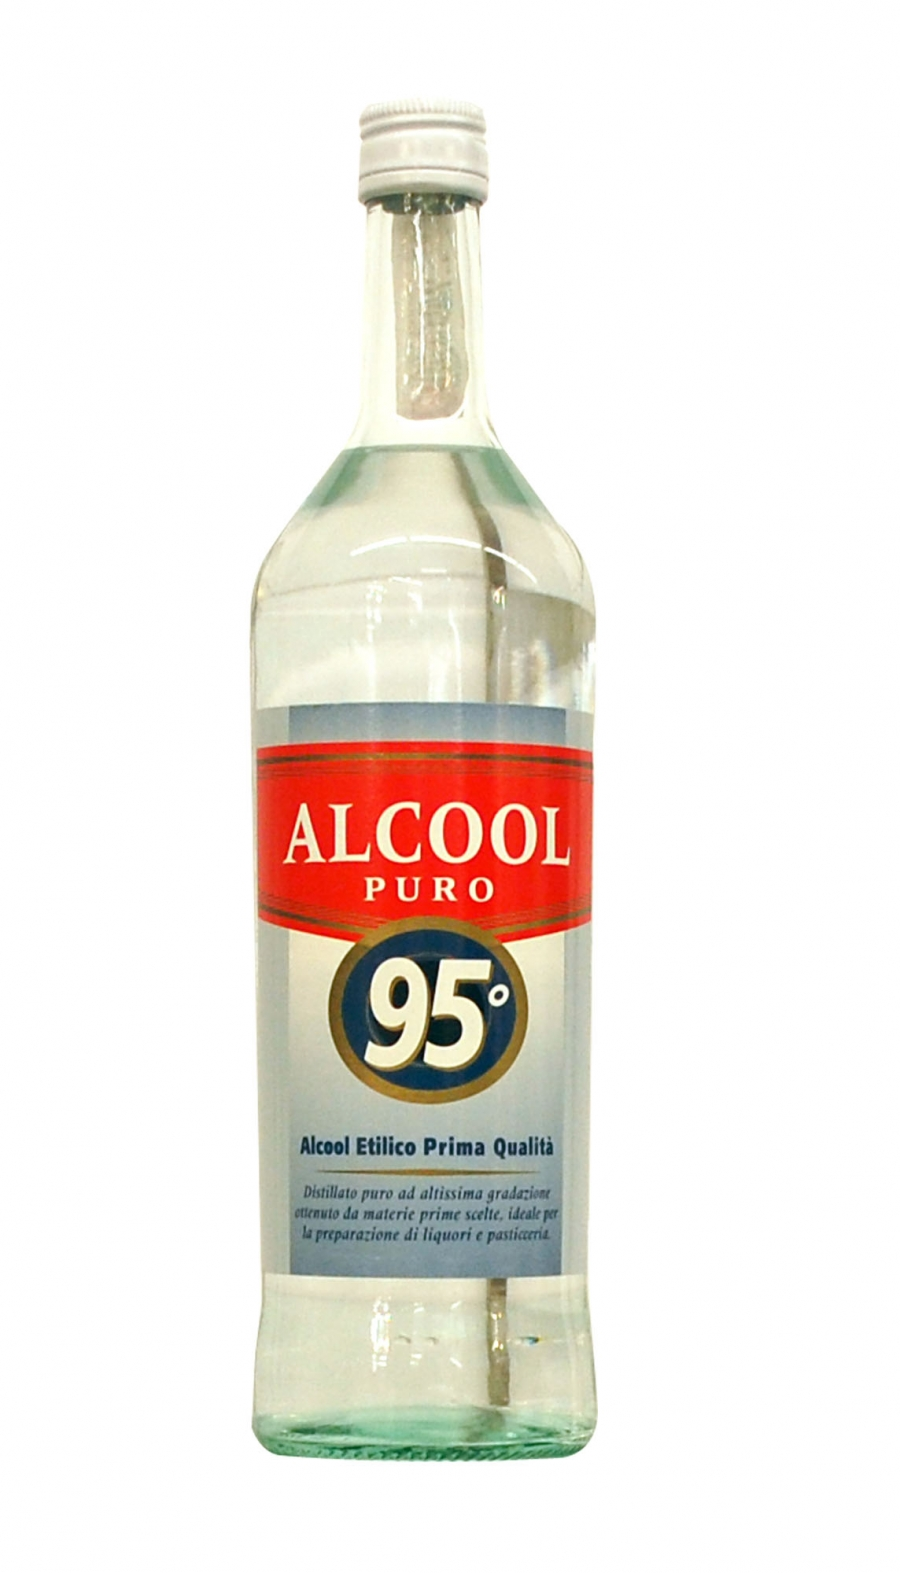 Se è possibile e come riprendersi da alcolismo